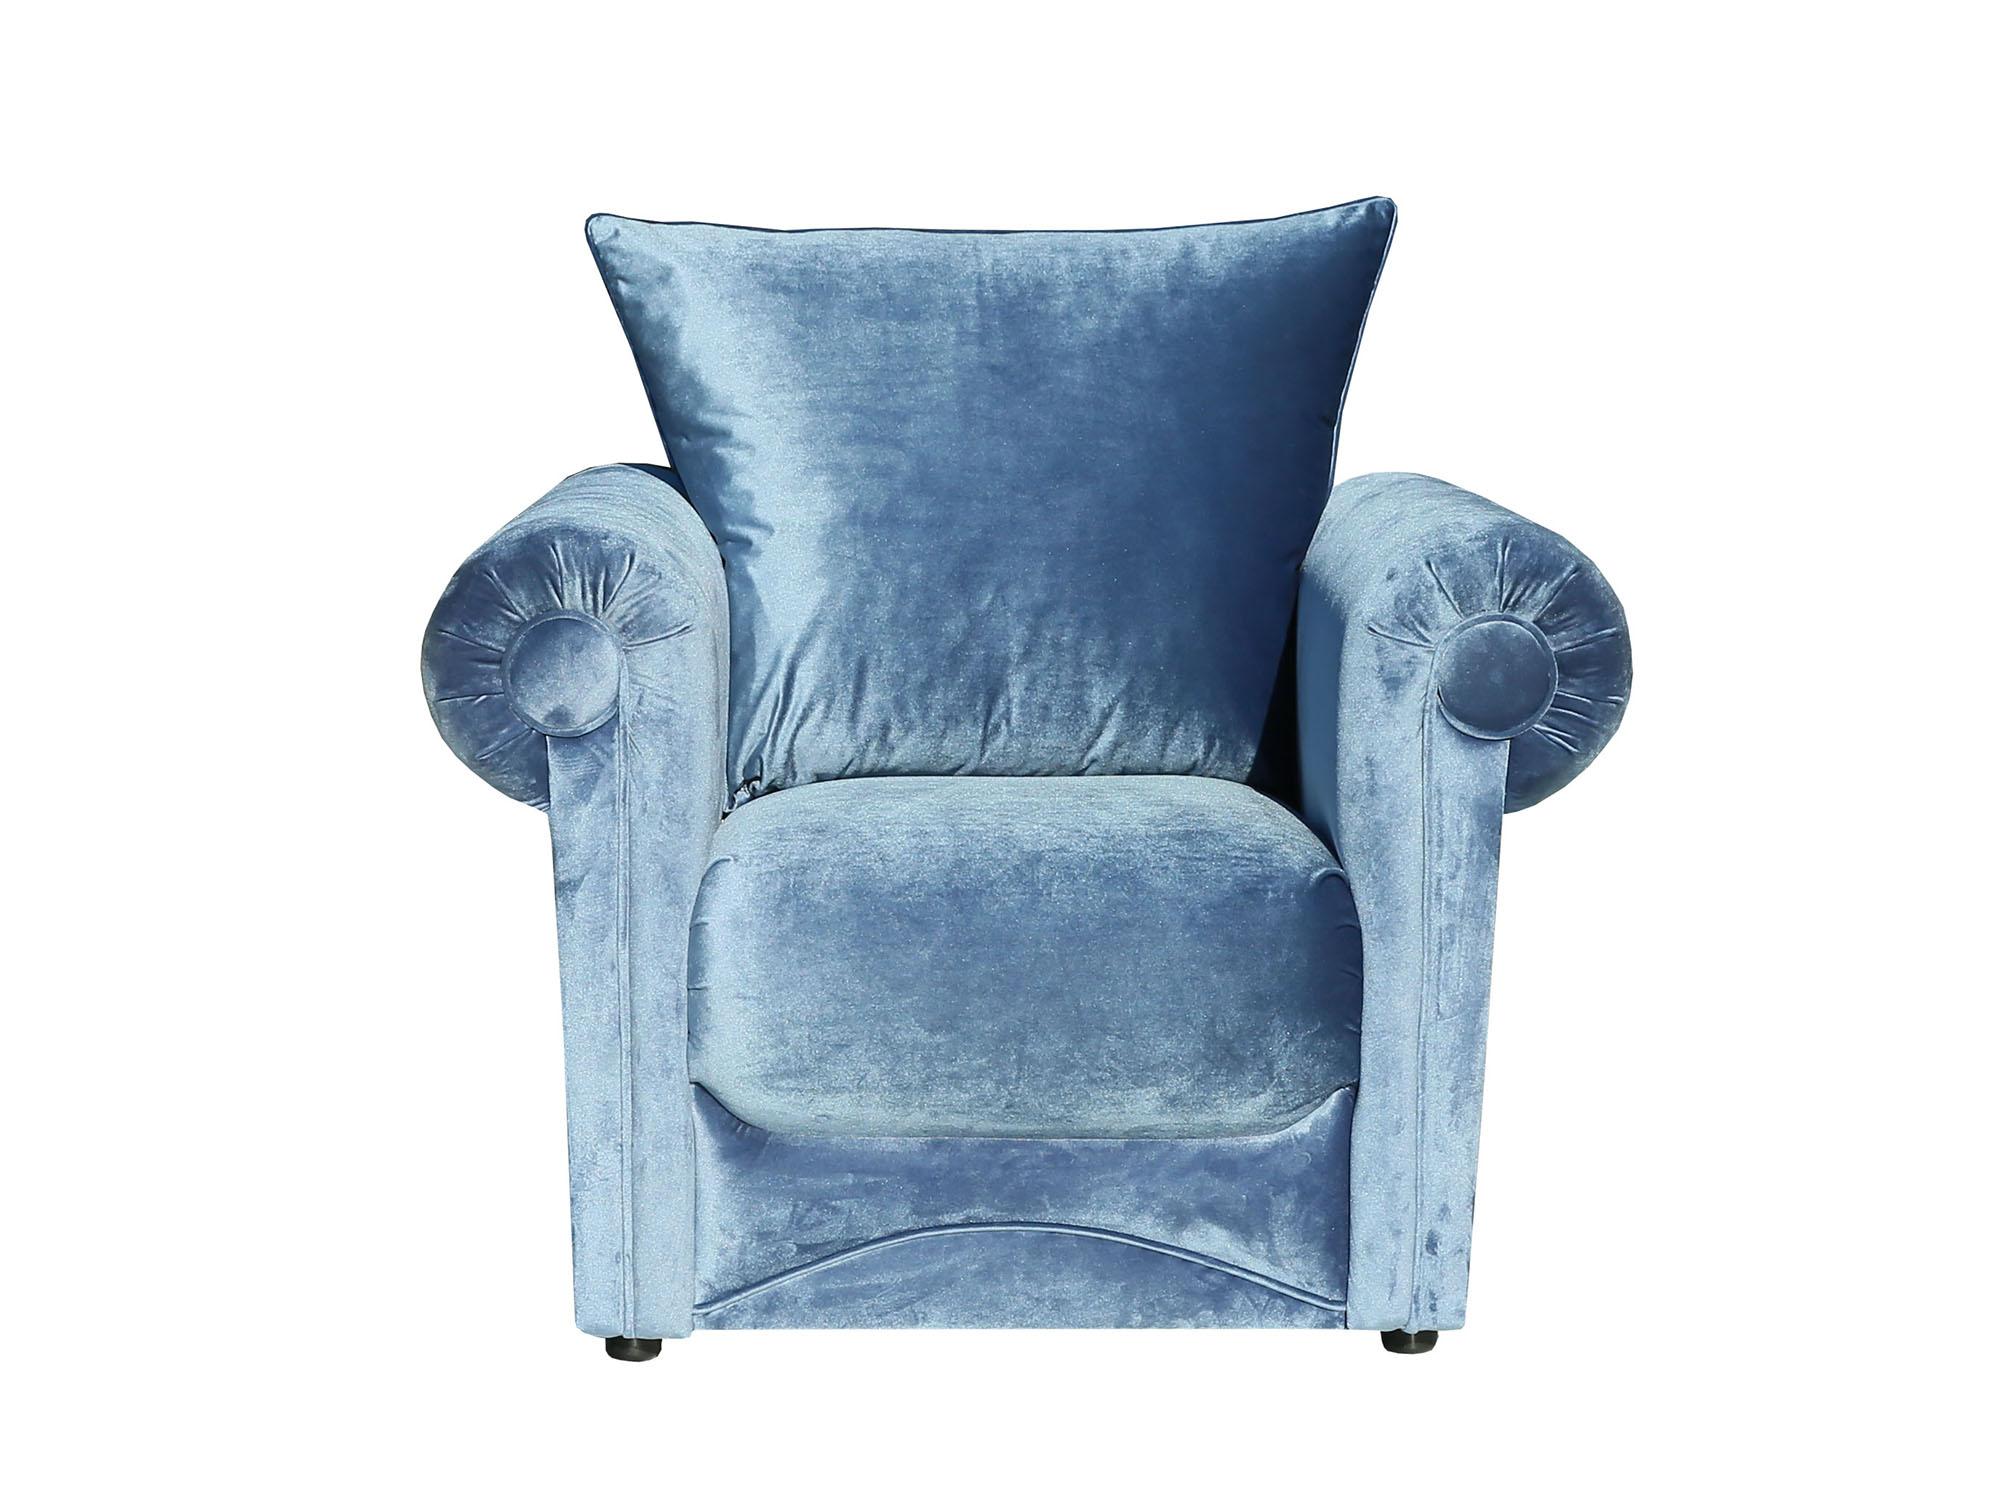 Кресло Амели 4 ст евро MebelVia Голубой, Велюр, Брус хвойных пород